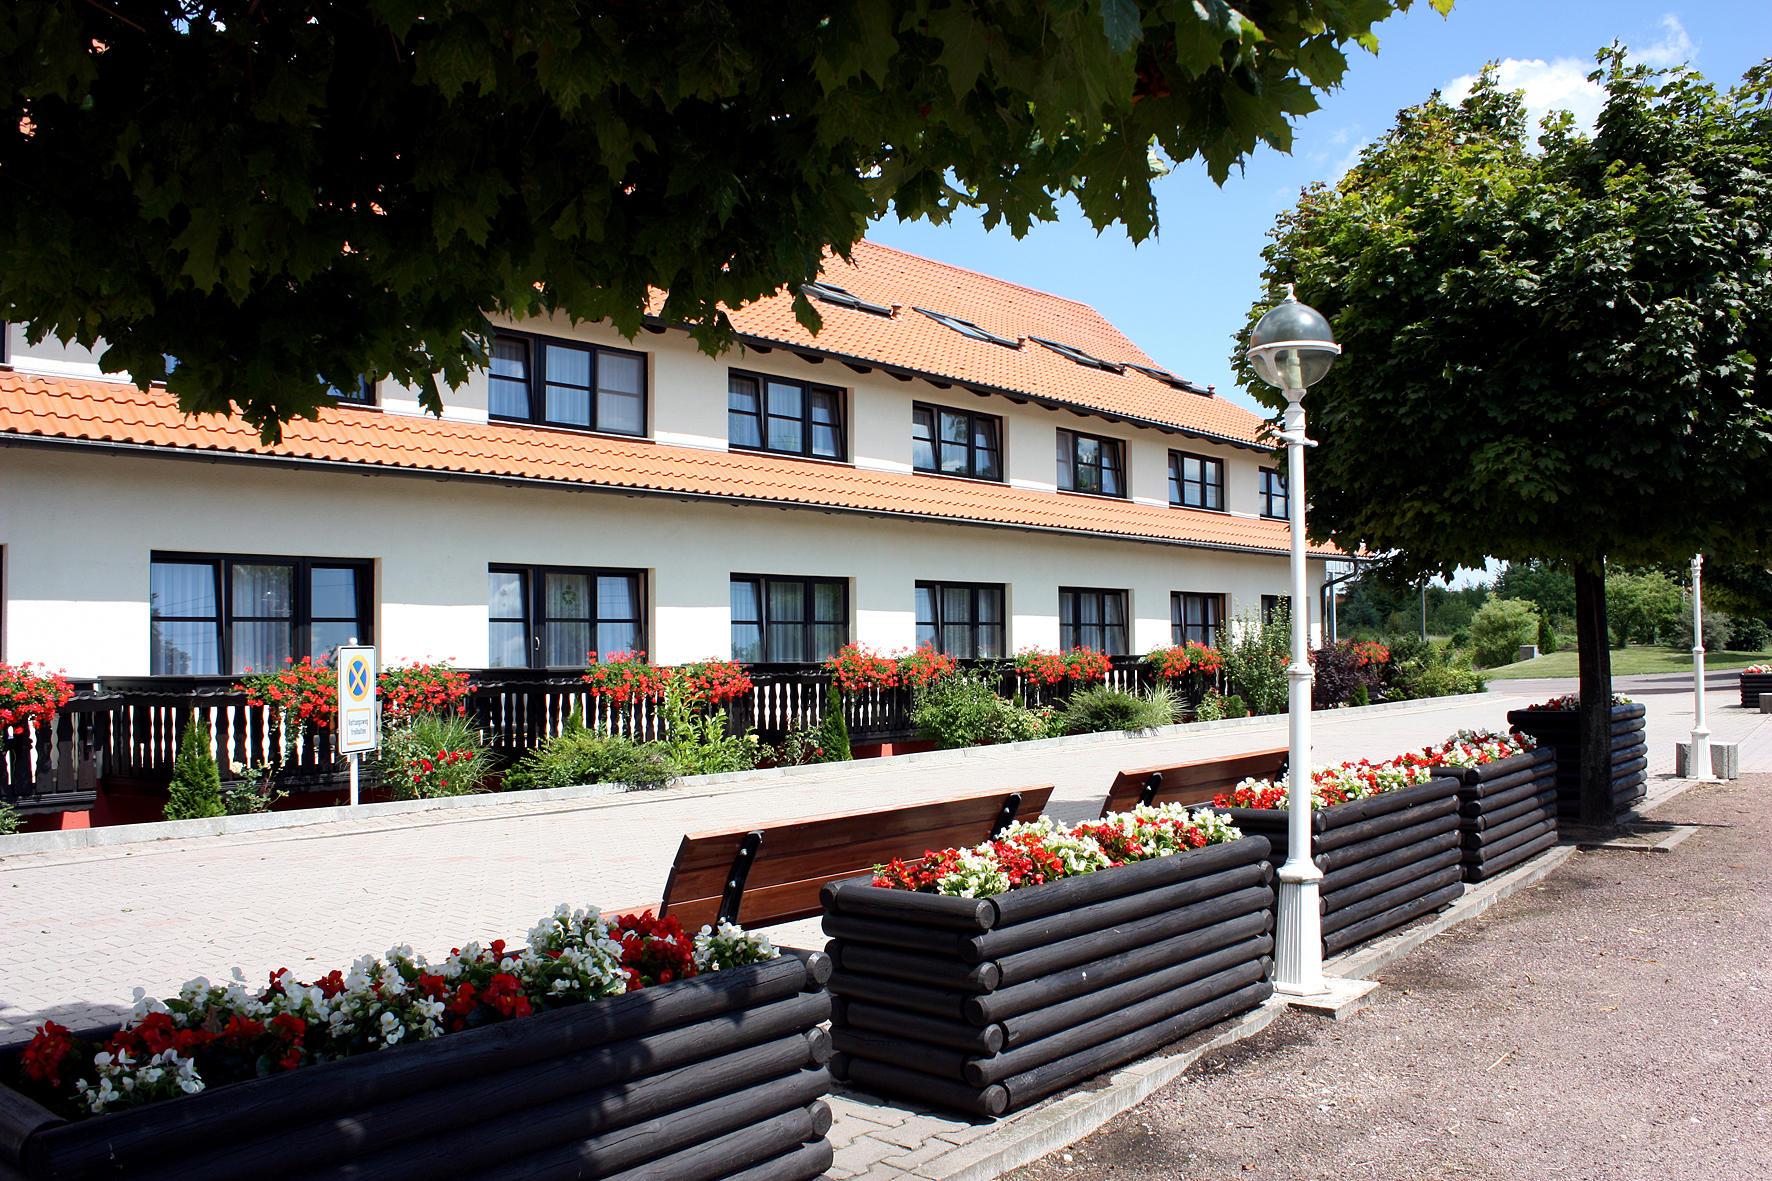 Alten- und Pflegeheim Bürgergarten